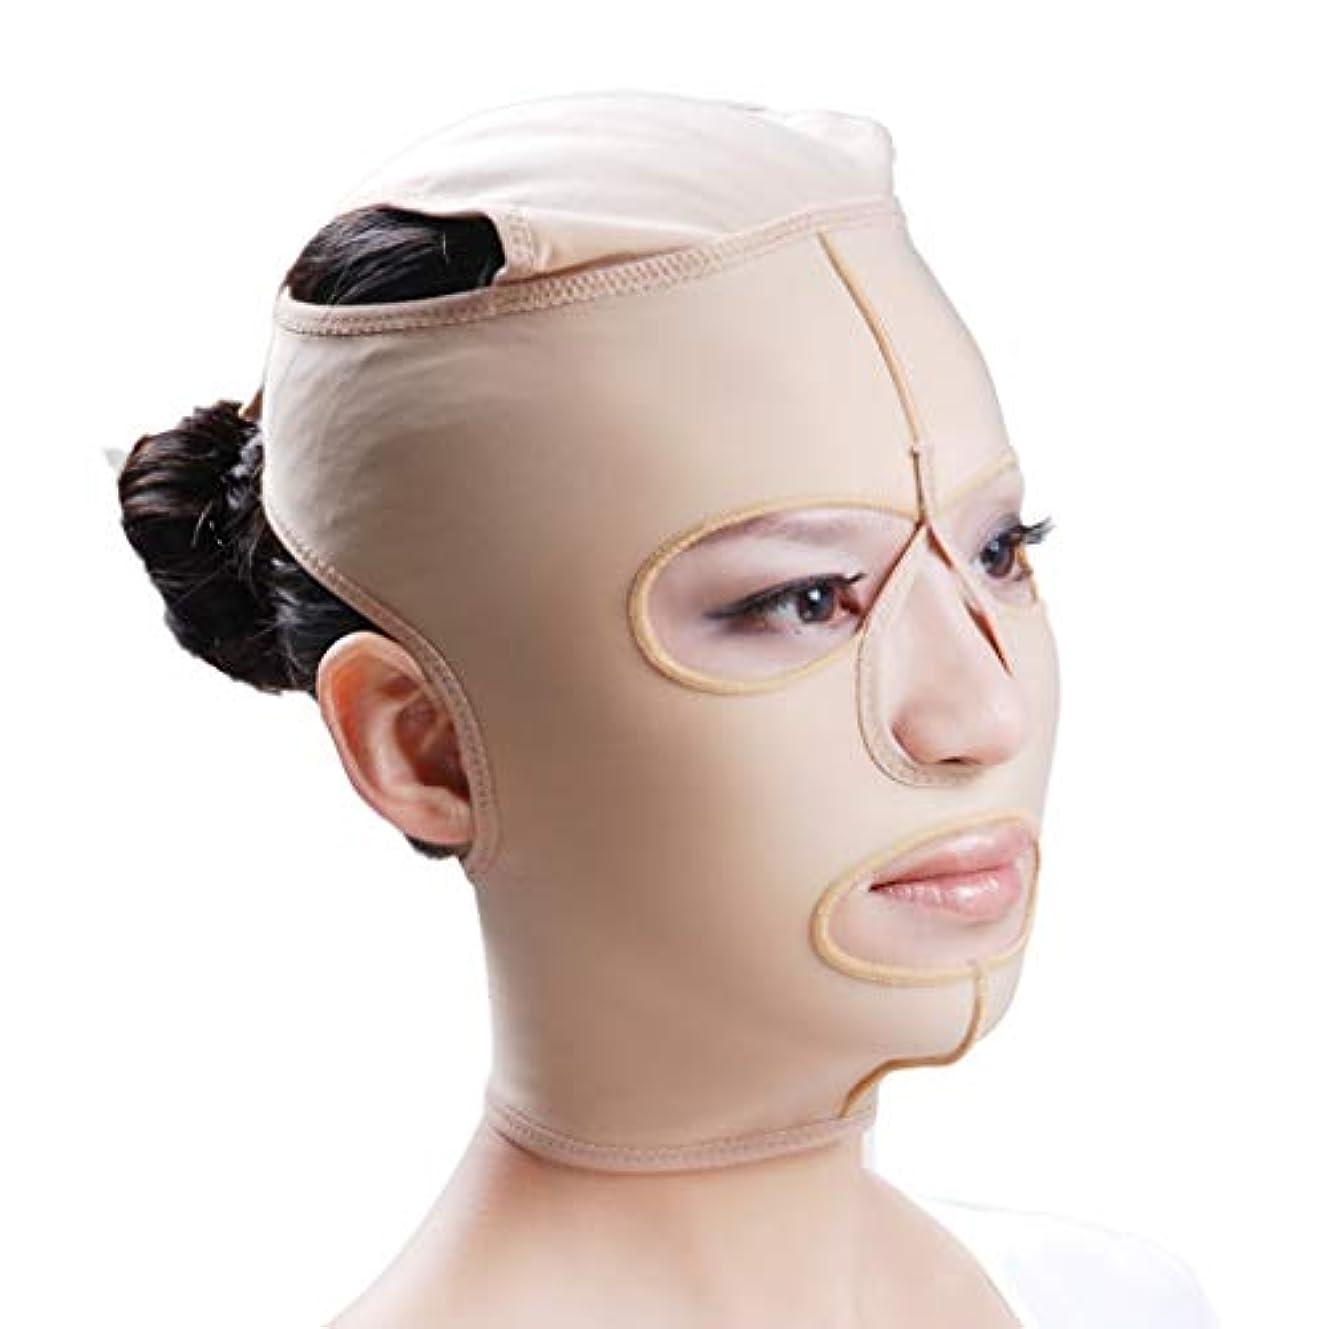 オンフィドルメインLJK フェイスリフトマスク、フルフェイスマスク医療グレード圧力フェイスダブルチンプラスチック脂肪吸引術弾性包帯ヘッドギア後の顔の脂肪吸引術 (Size : M)